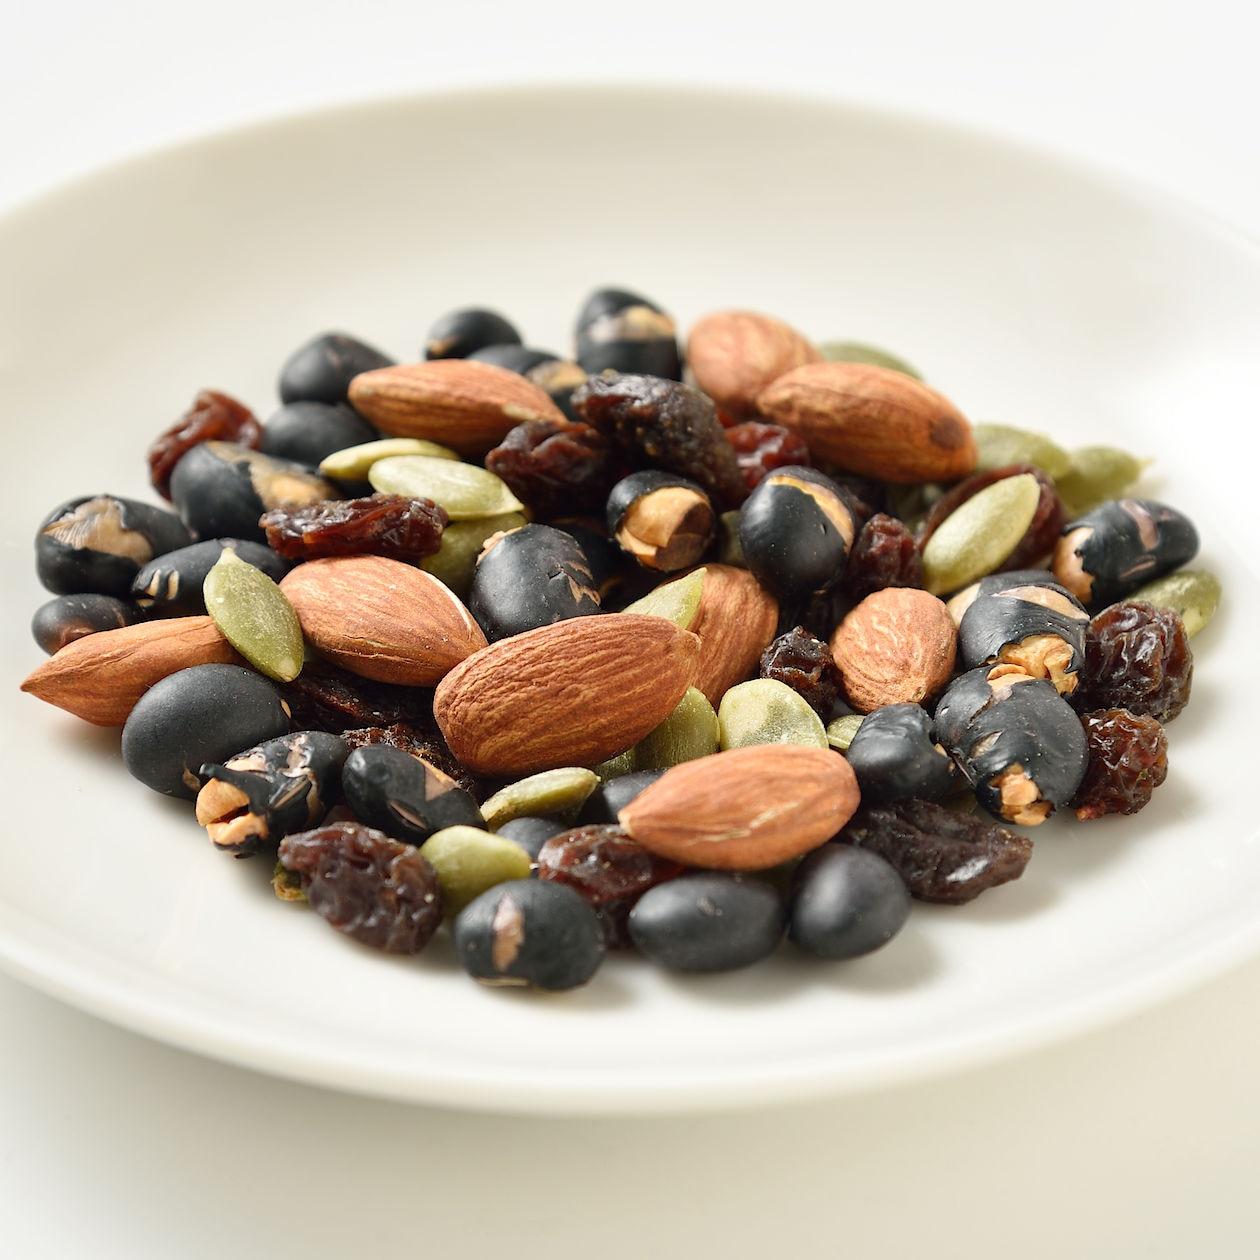 バランス良く組み合わせた 黒大豆&アーモンド